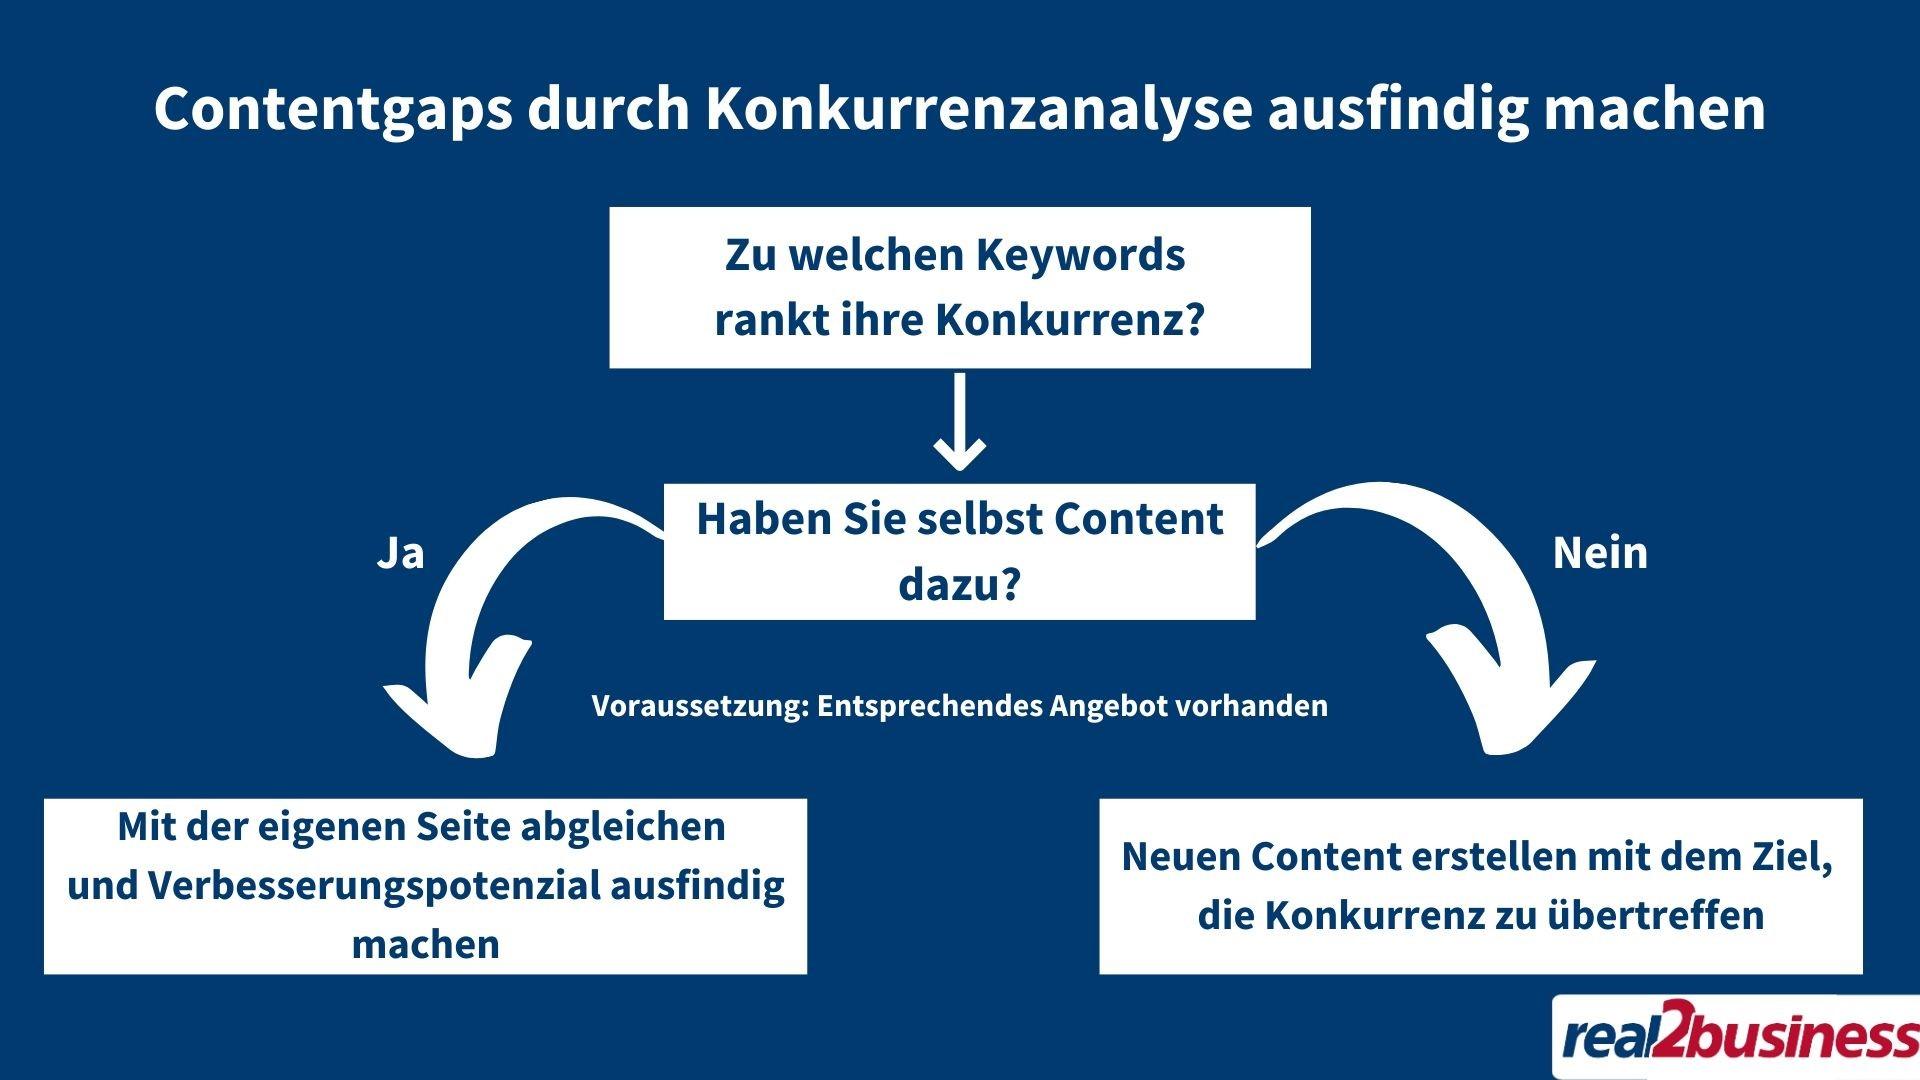 contentgaps